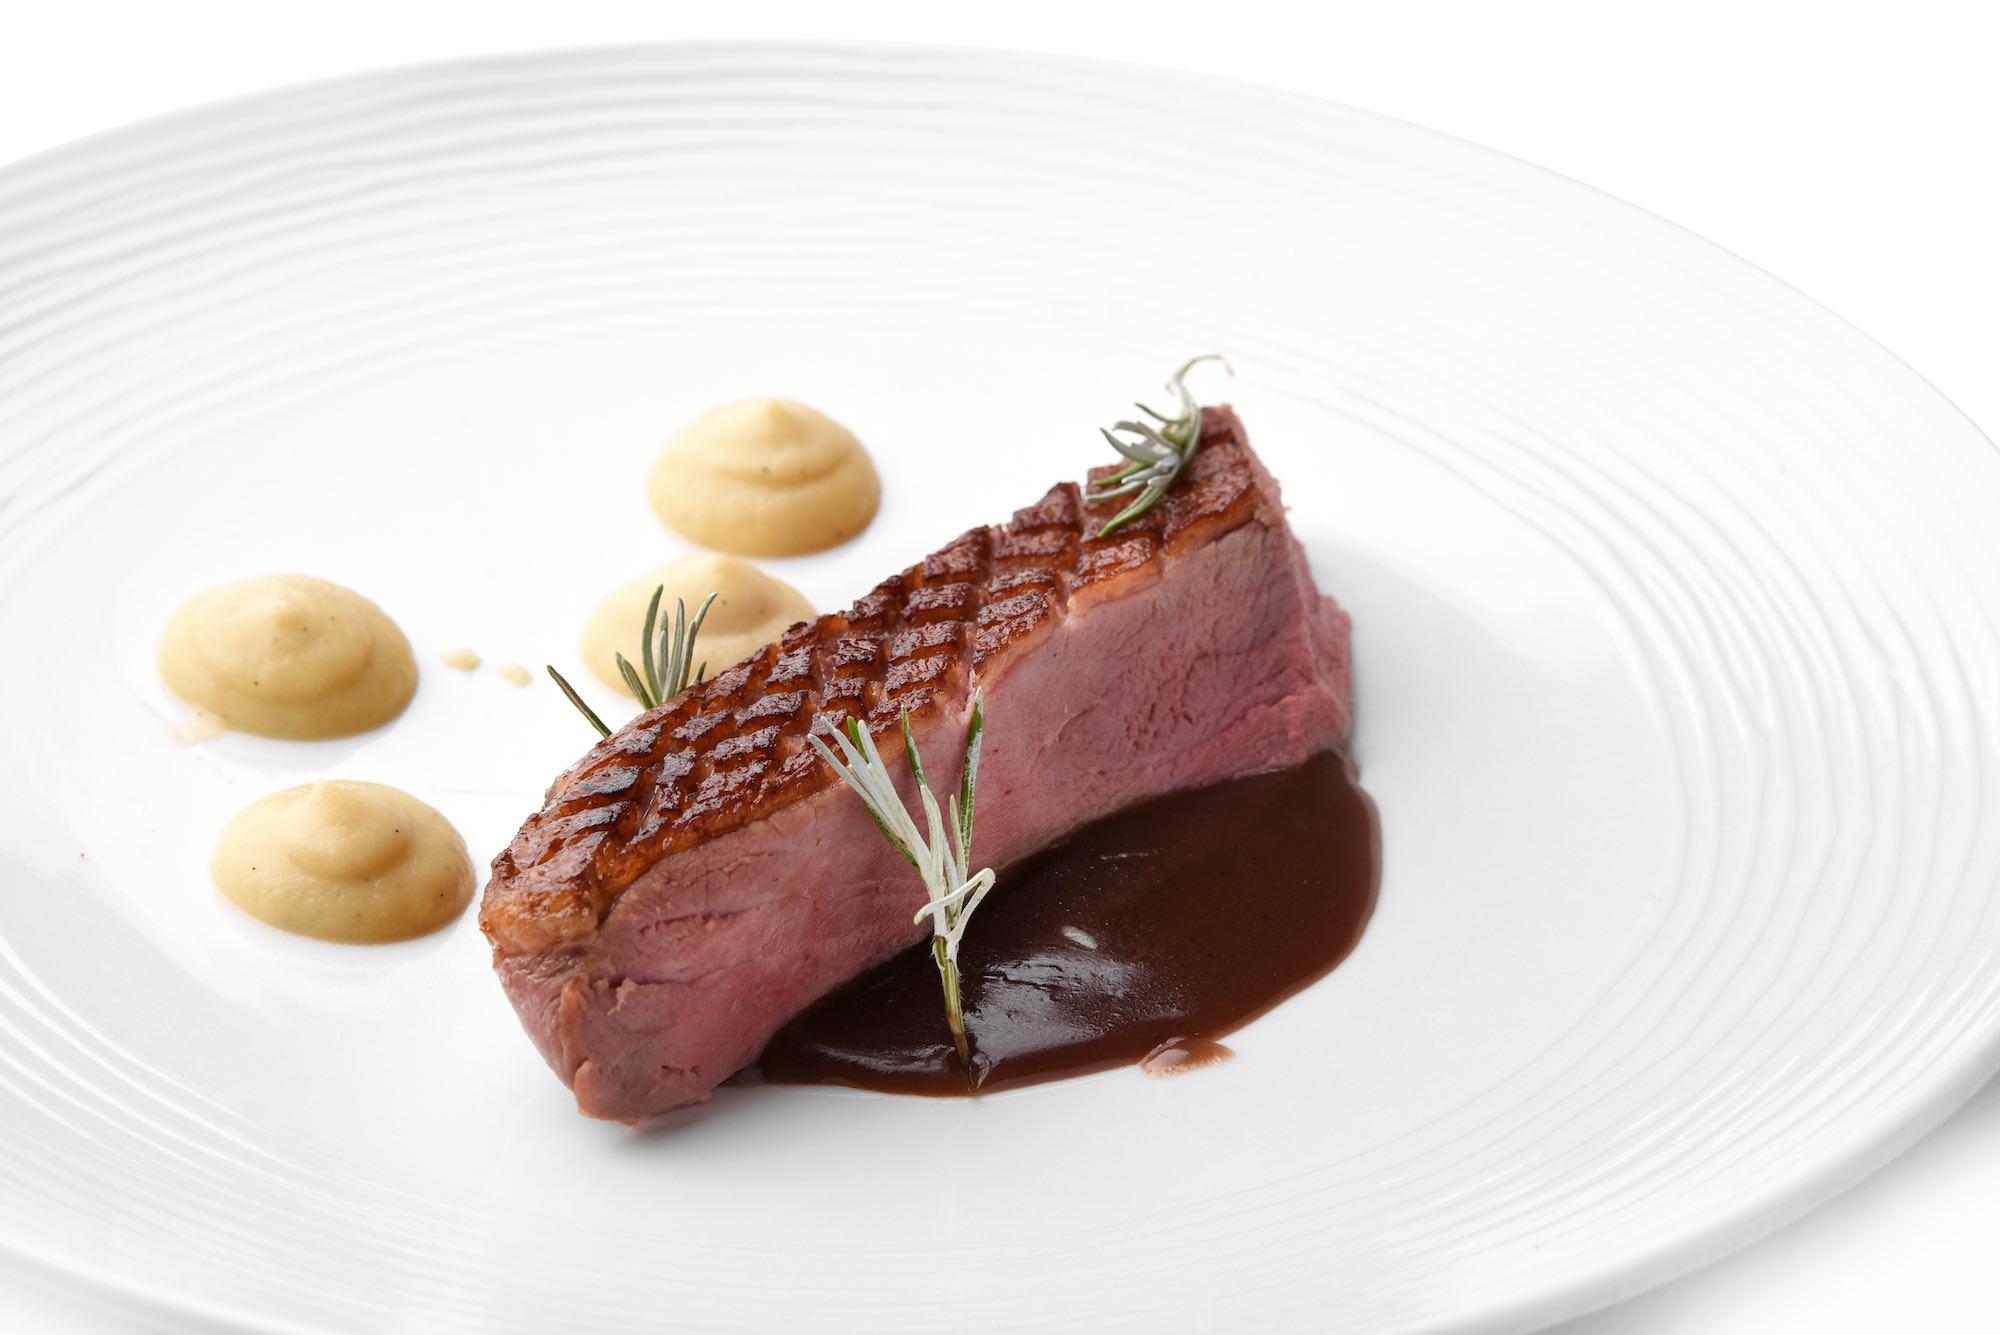 Secondo piatto dello chef Nicola Micheletti della Locanda Sant'Agata a San Giuliano Terme in Toscana